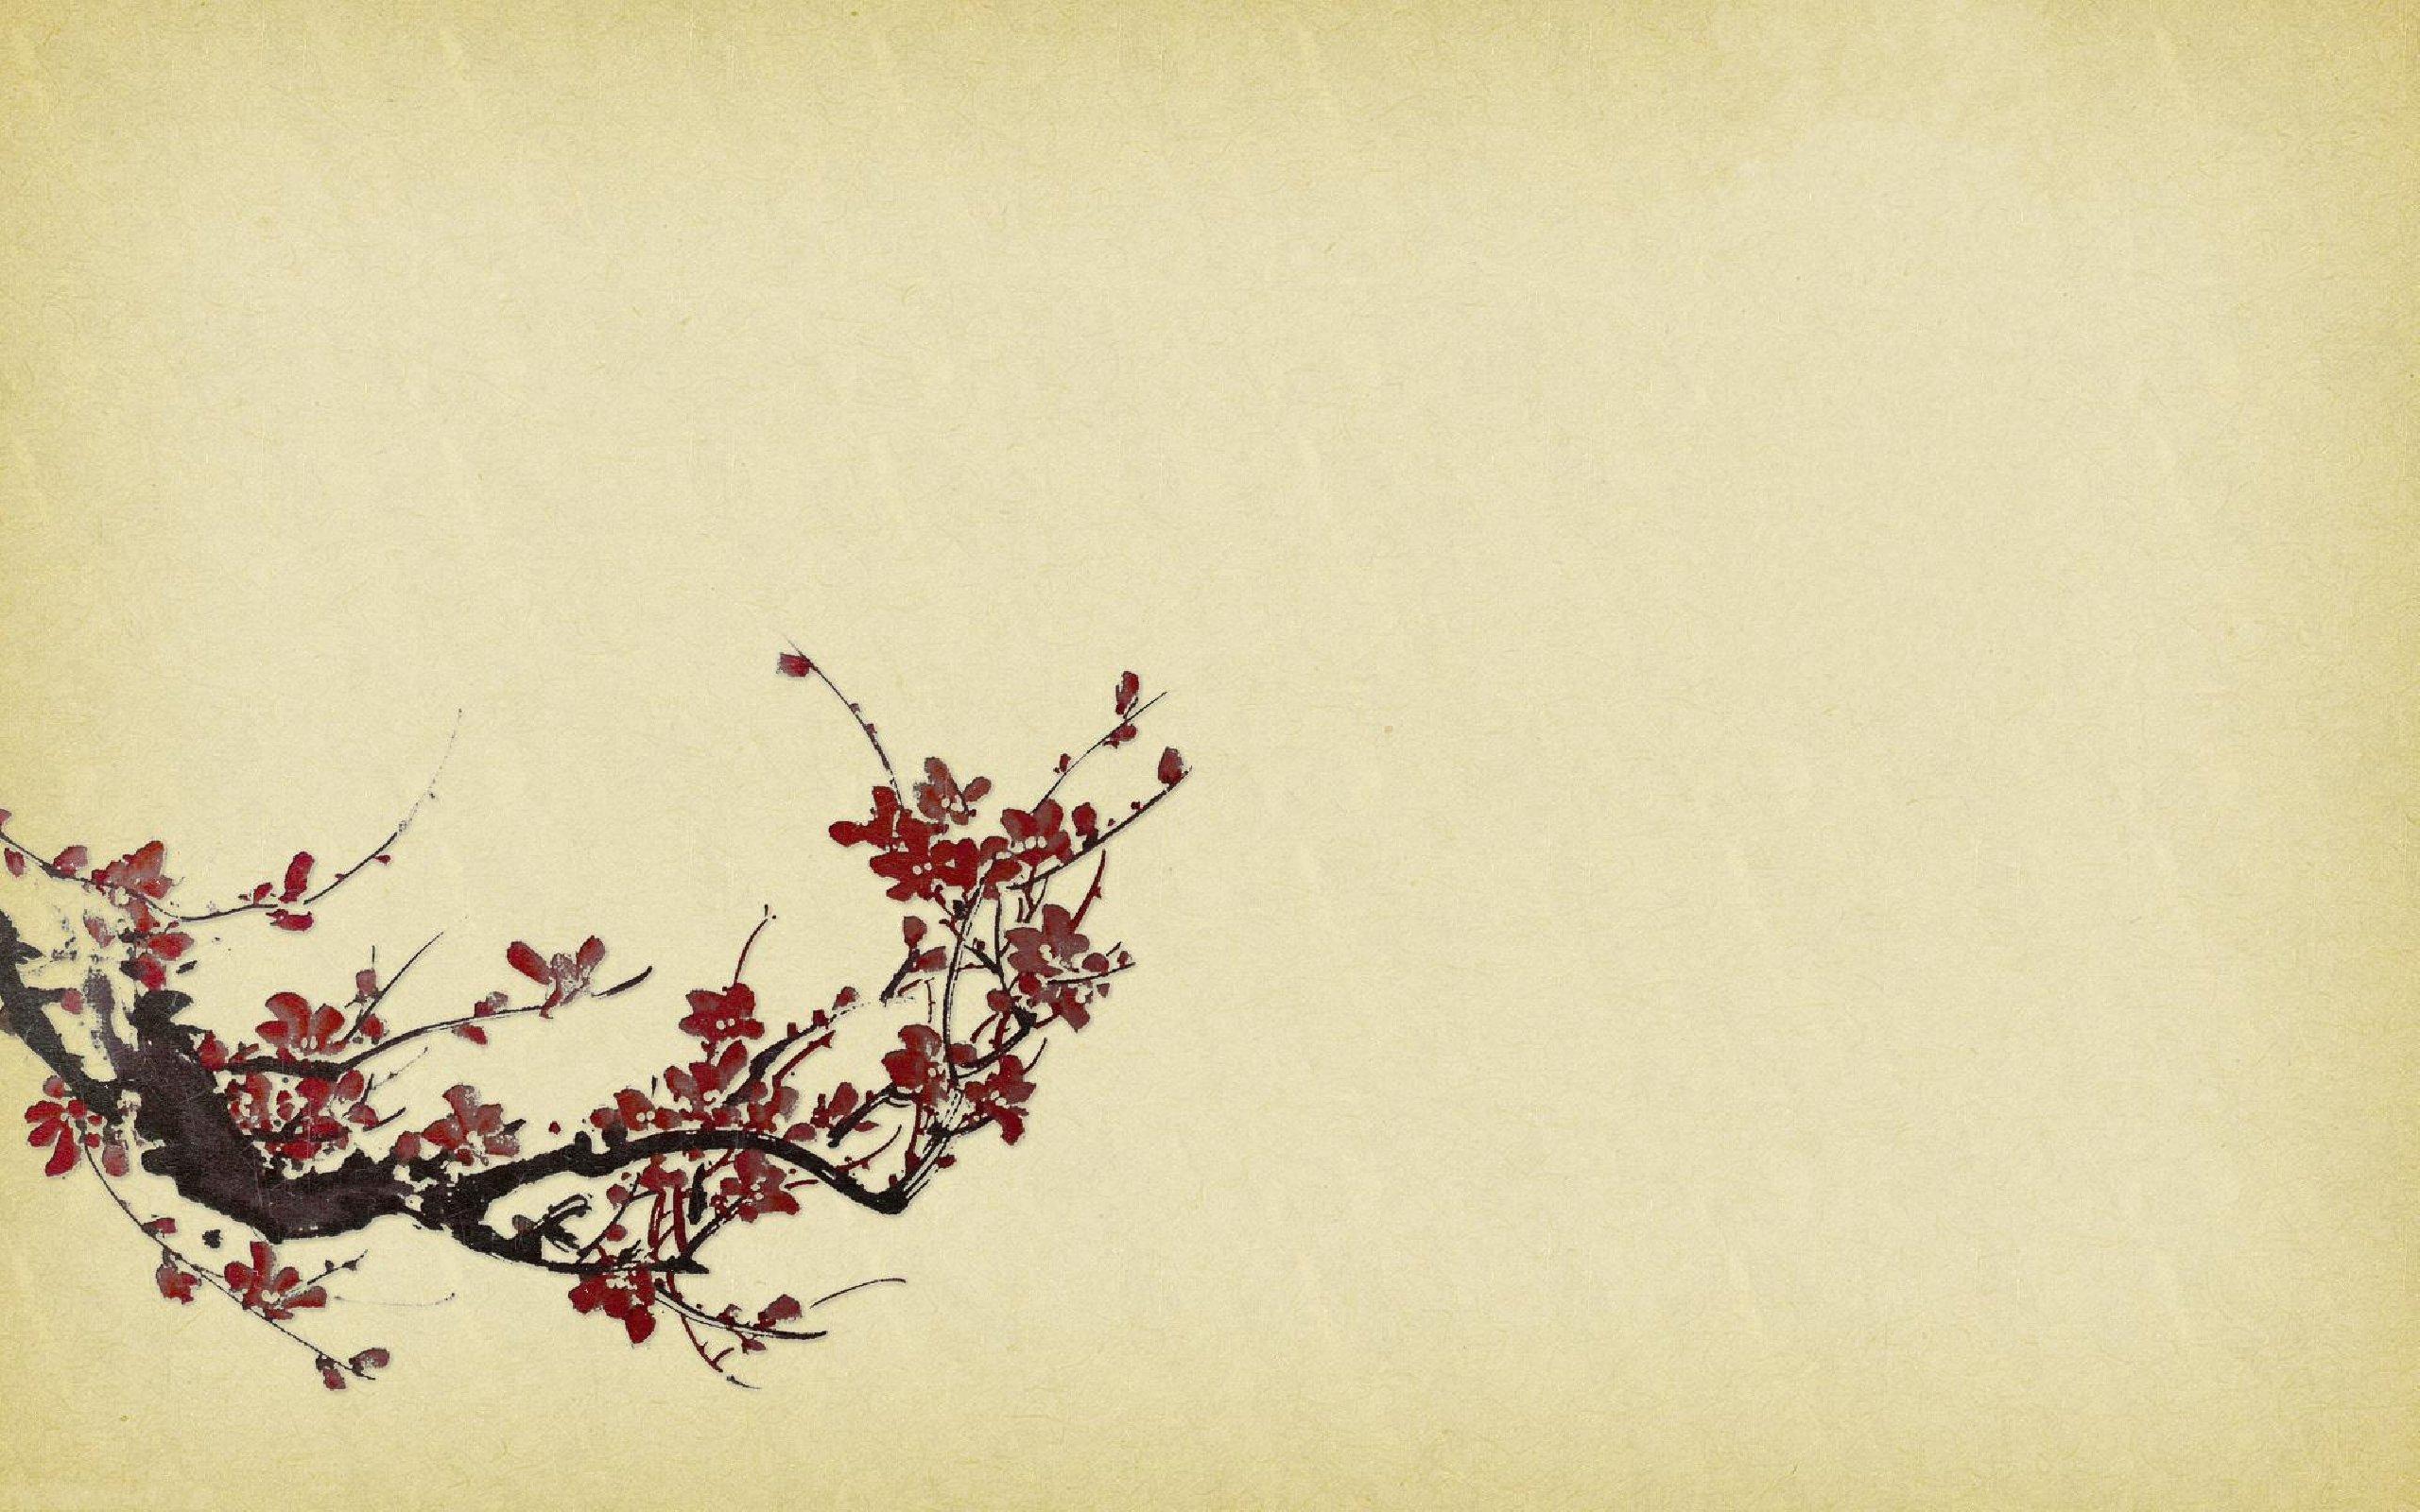 przyroda-kwiaty-2560-1600-8247.jpg